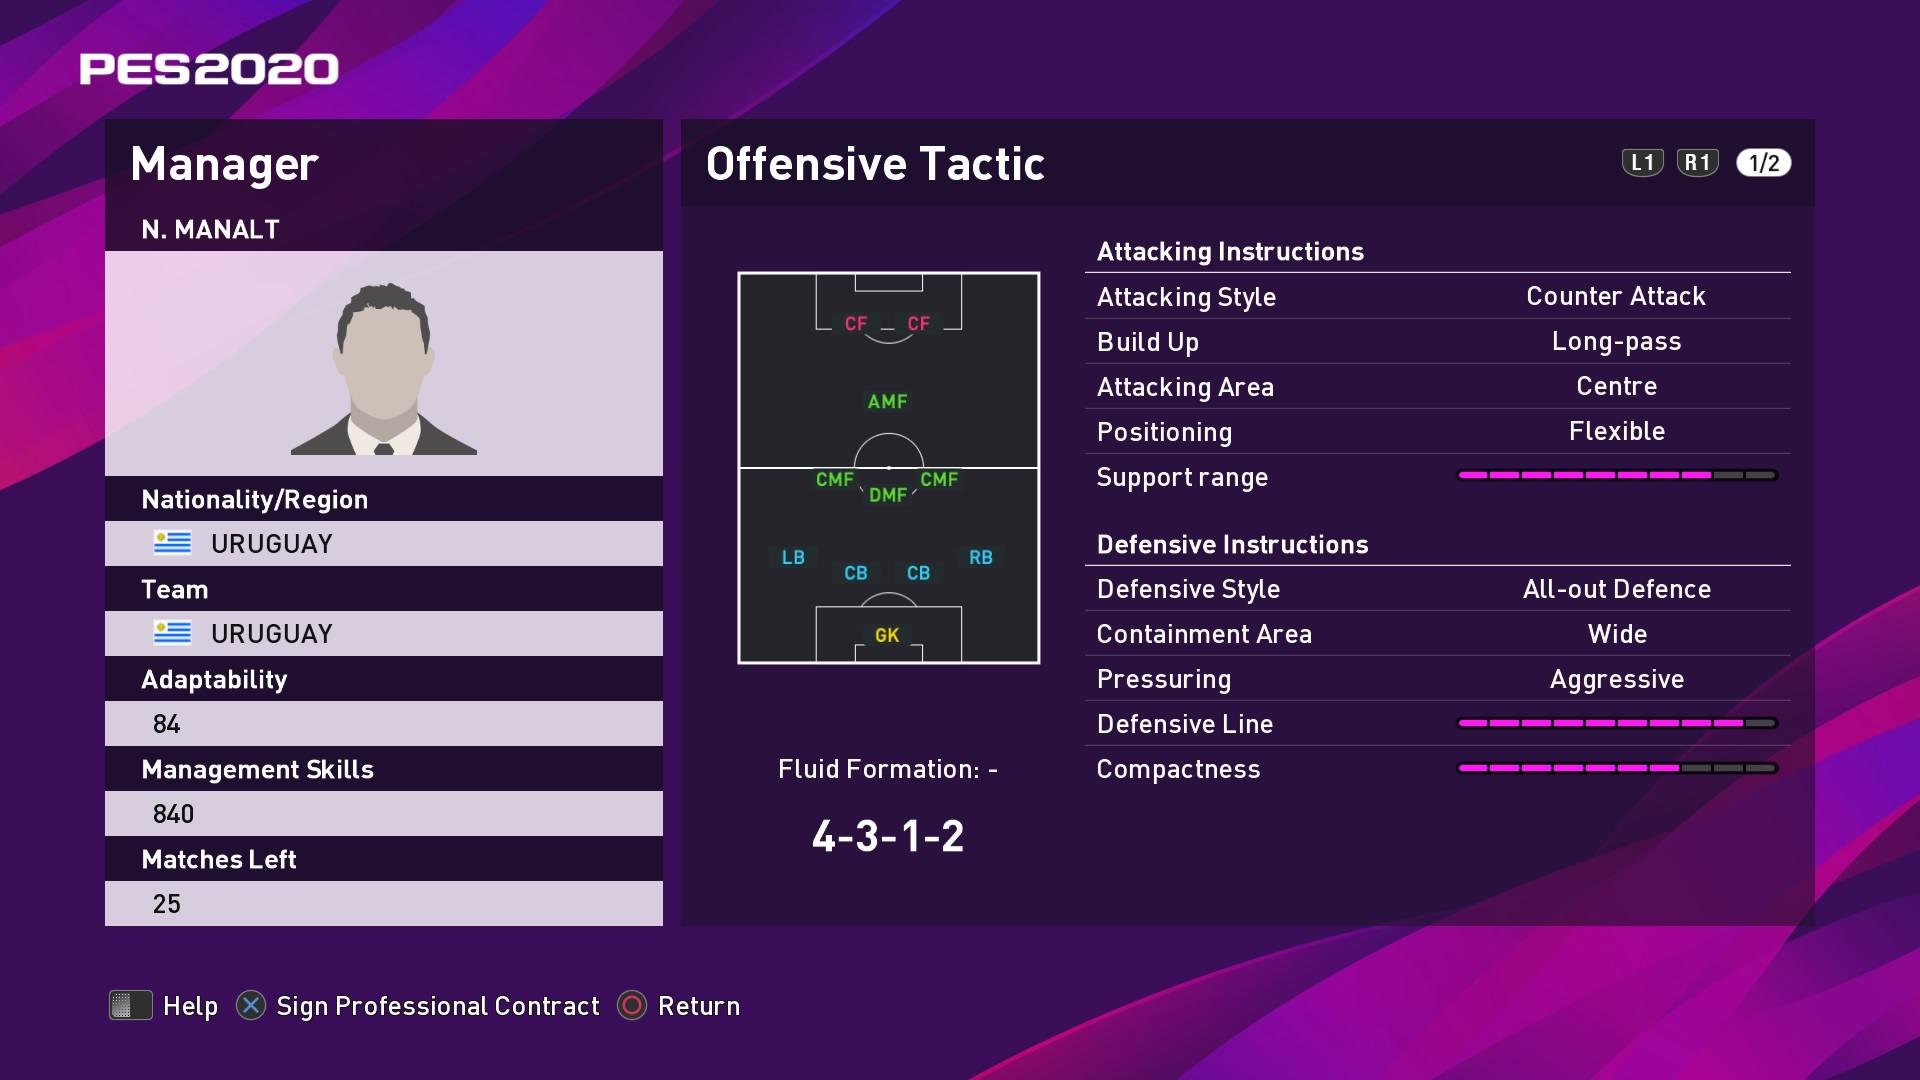 N. Manalt (2) (Óscar Tabárez) Offensive Tactic in PES 2020 myClub